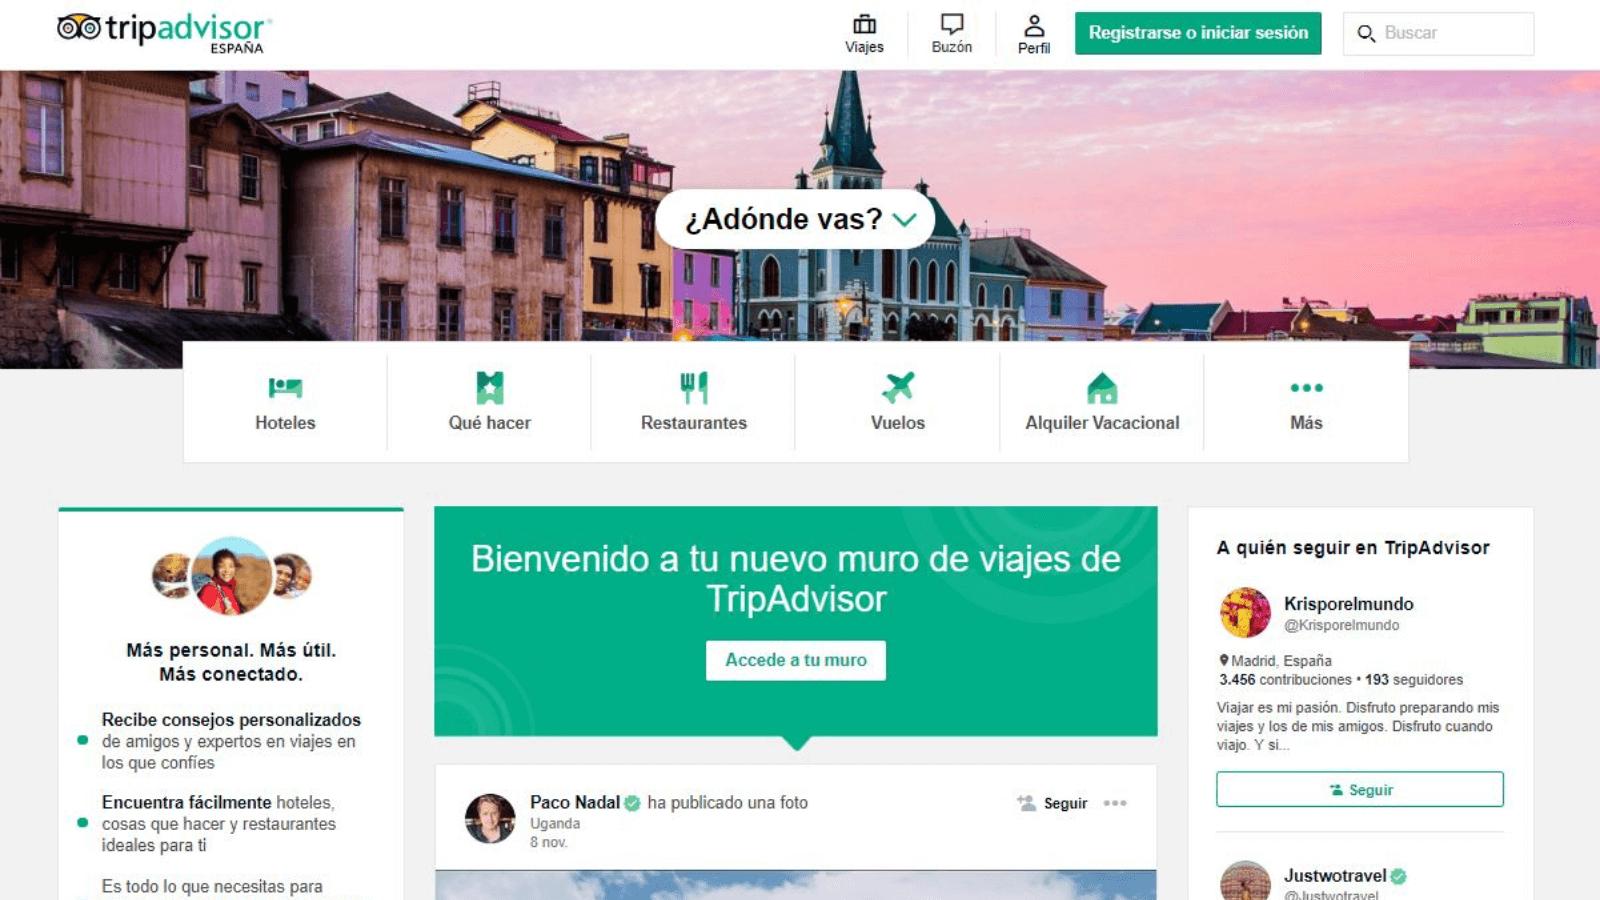 TripAdvisor donará un dólar por cada reseña que se publique para ayudar a los sectores turísticos más afectados por el coronavirus 2